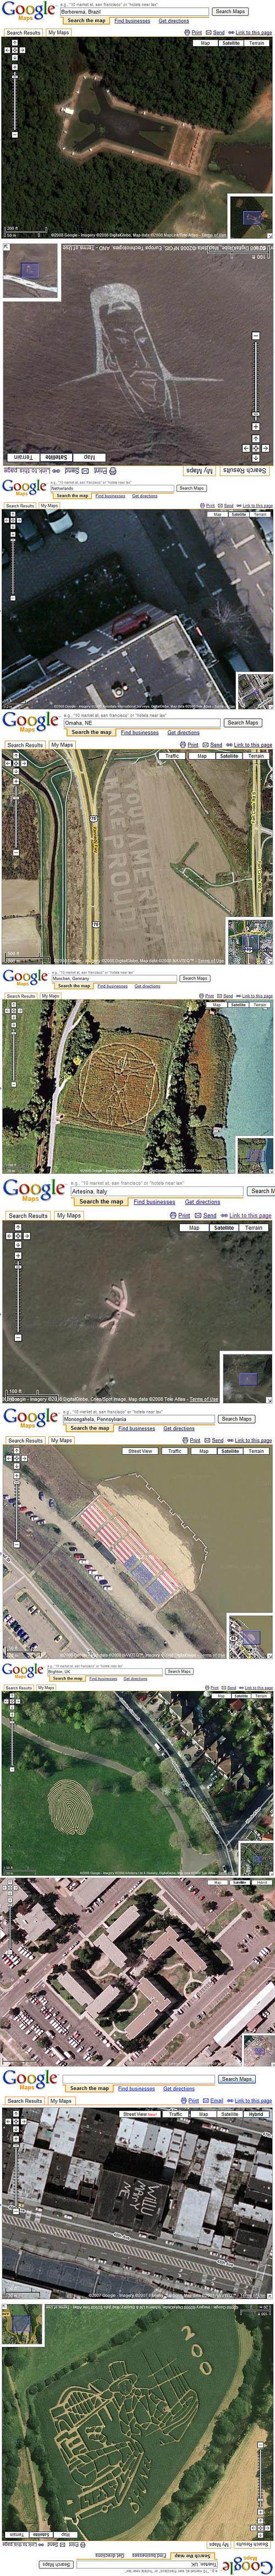 Underligheter på Google Maps